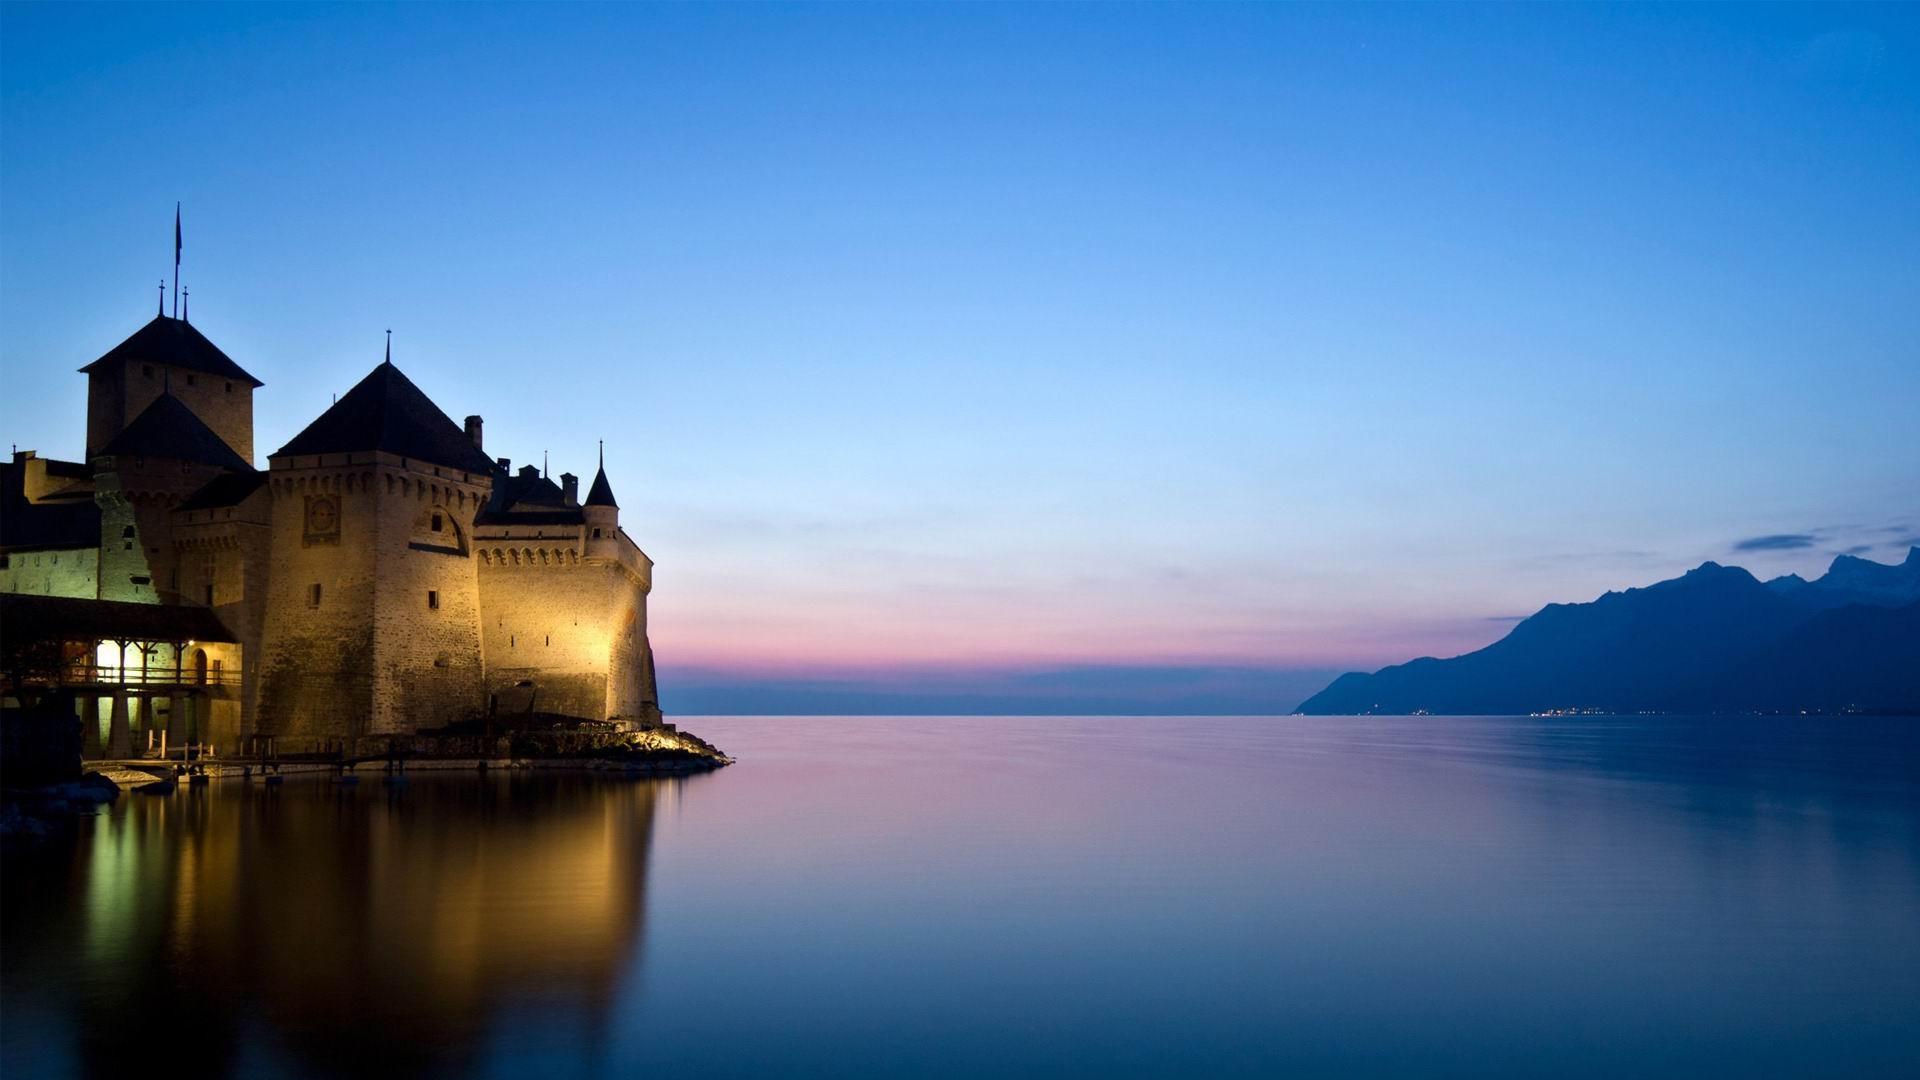 空岛_西庸城堡瑞士-世界风景高清摄影壁纸预览 | 10wallpaper.com